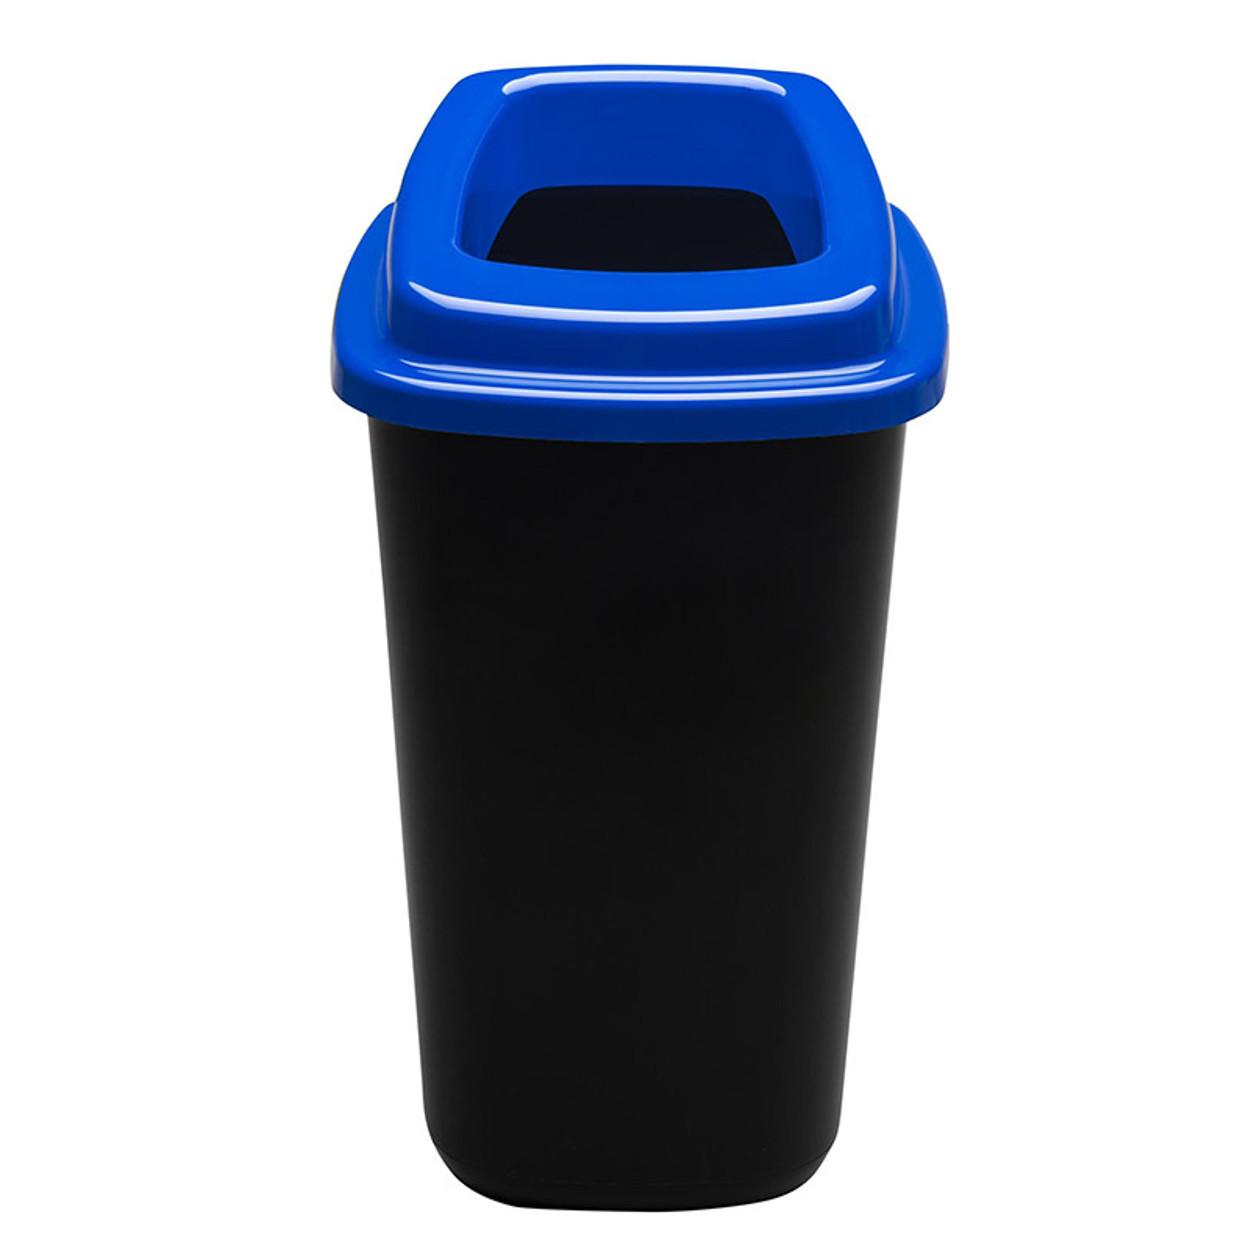 Plastikowy kosz do segregacji śmieci, 45 l, niebieski